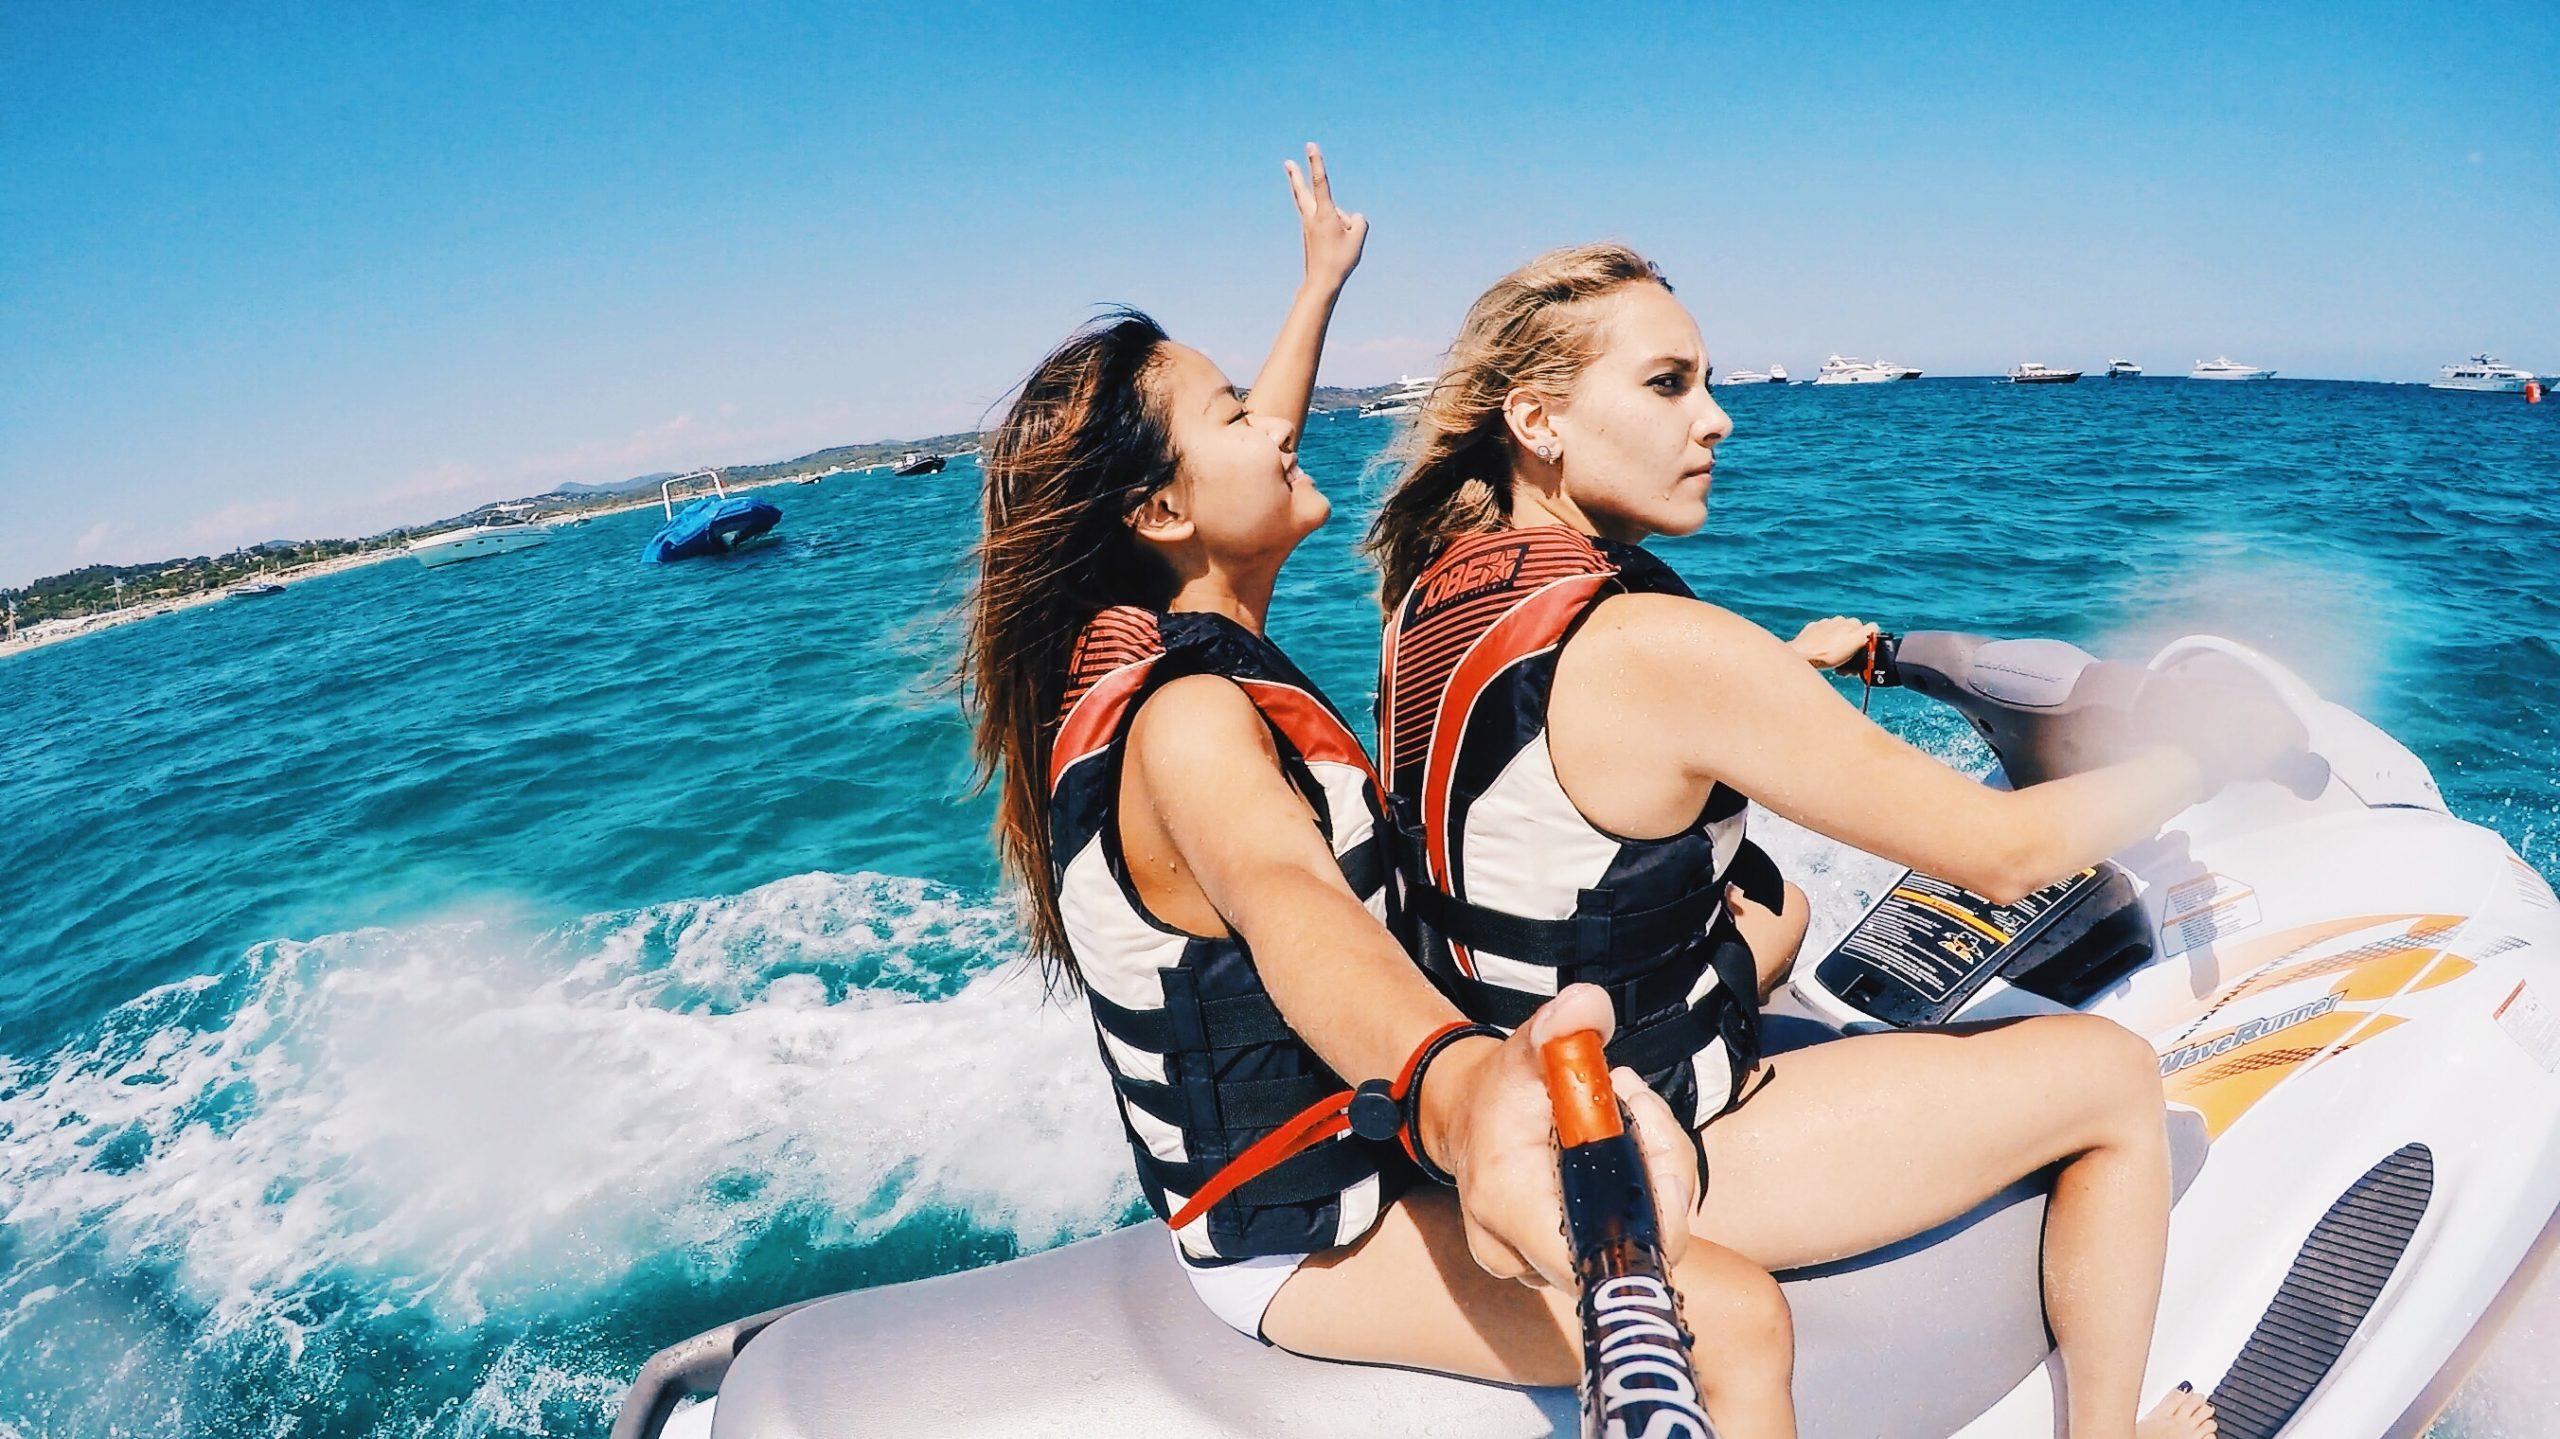 水上バイクに乗ってアクションカメラで撮影する女性